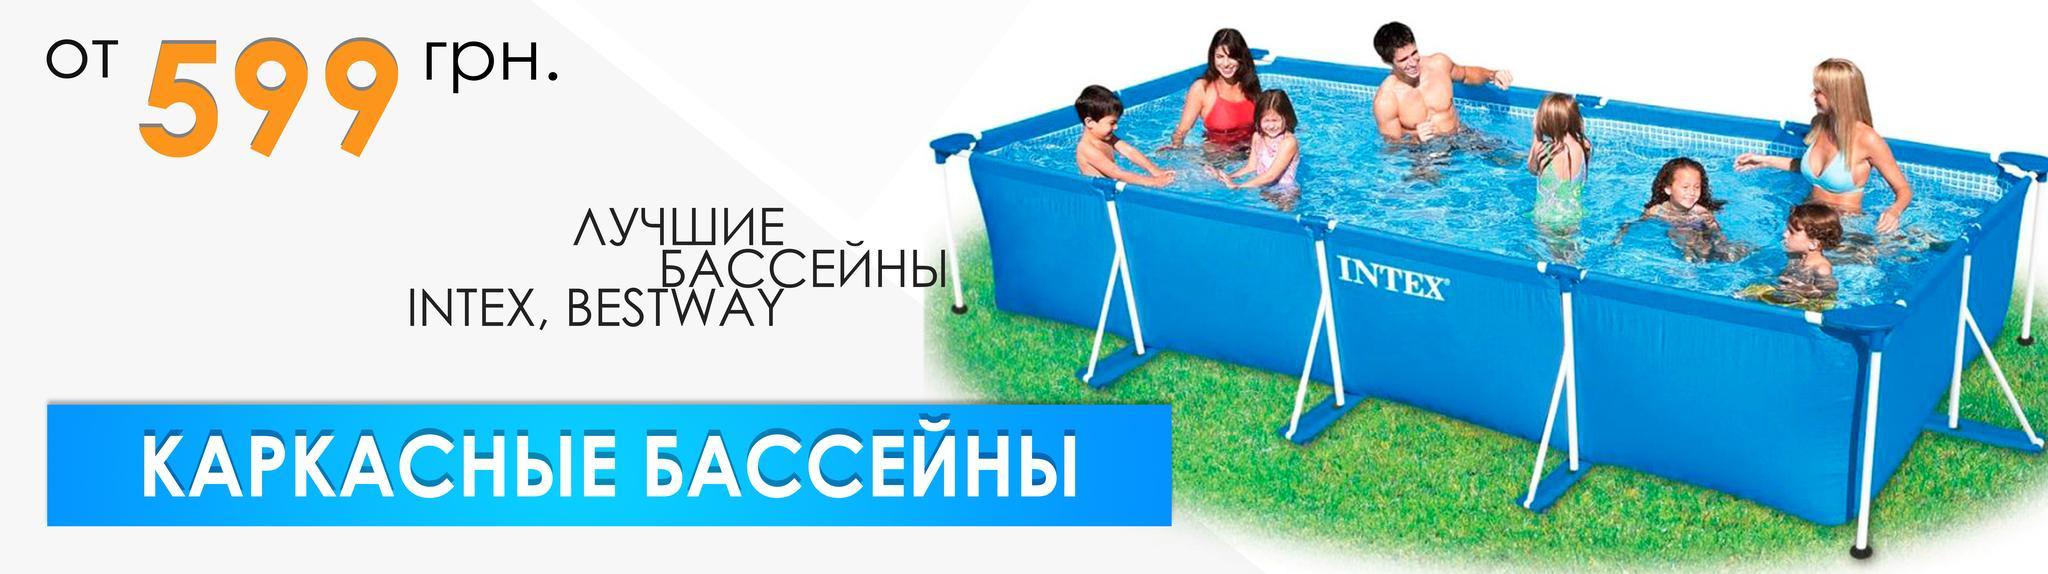 4ea44fa73763e ᐈ Интекс в Киеве — это «Intex-Best»: официальный сайт интернет ...